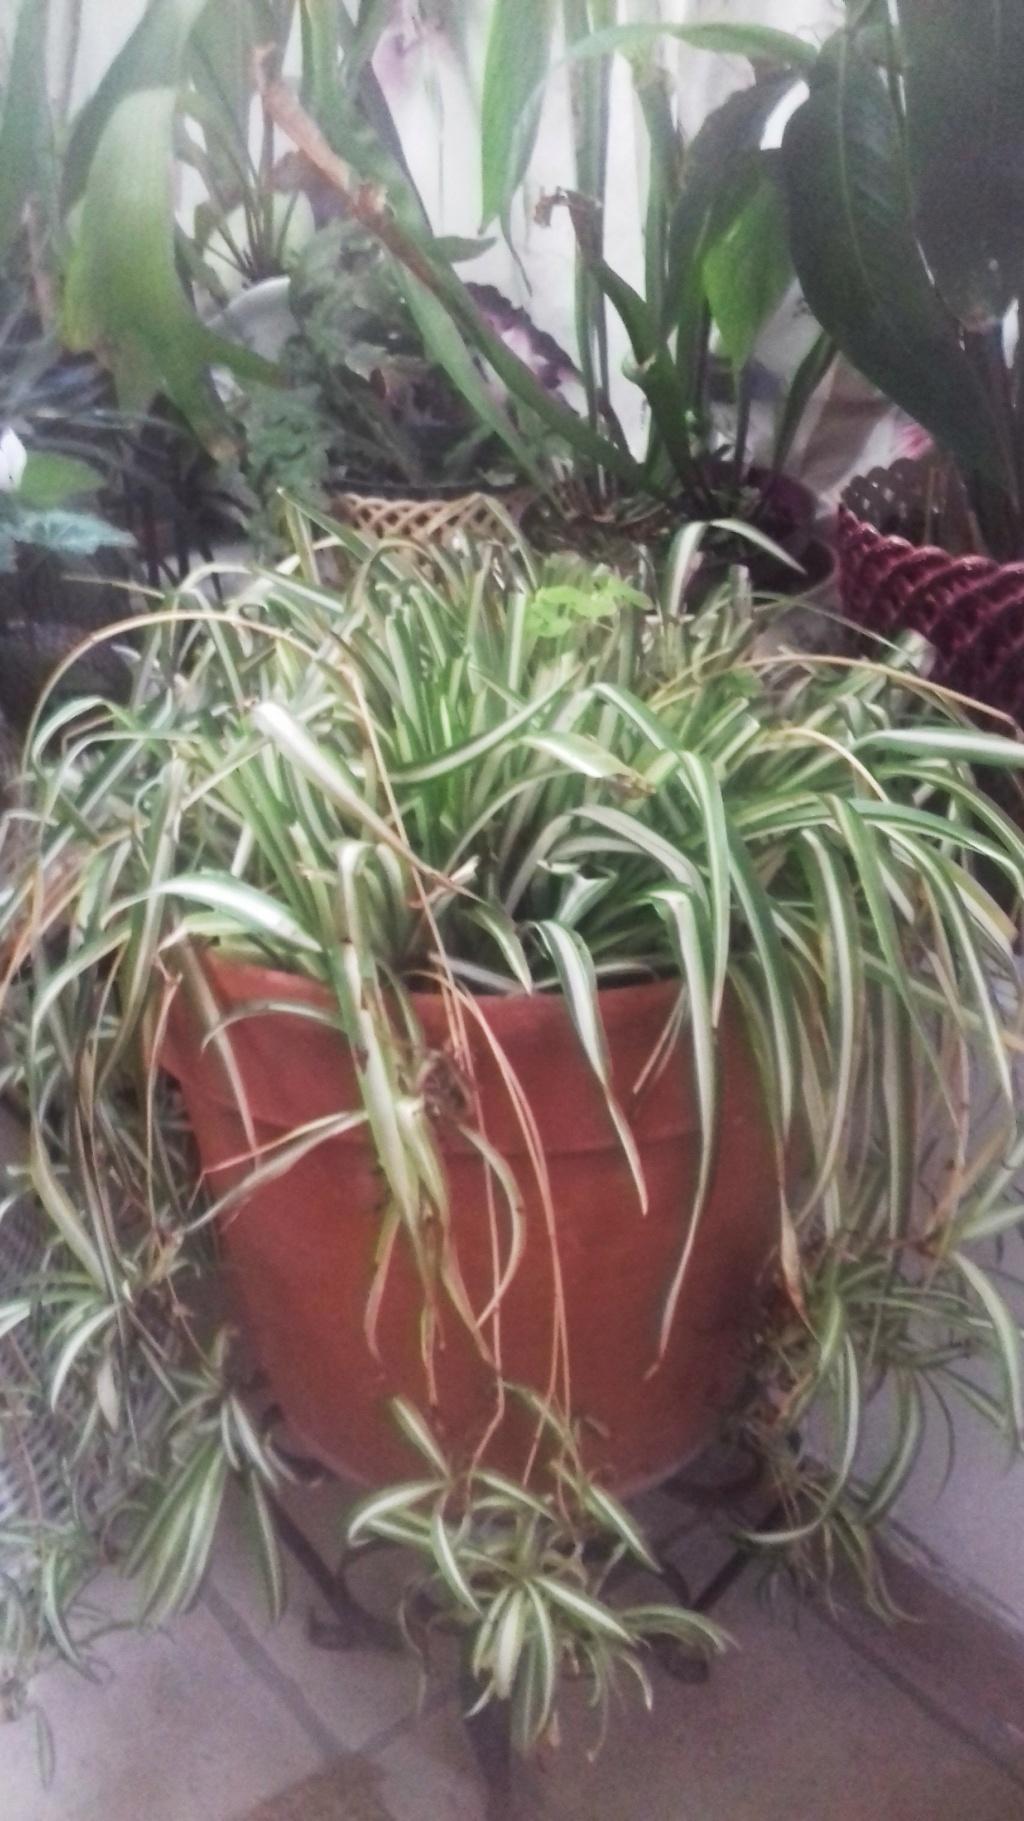 Chlorophytum ou plante araignée  - Page 2 00660